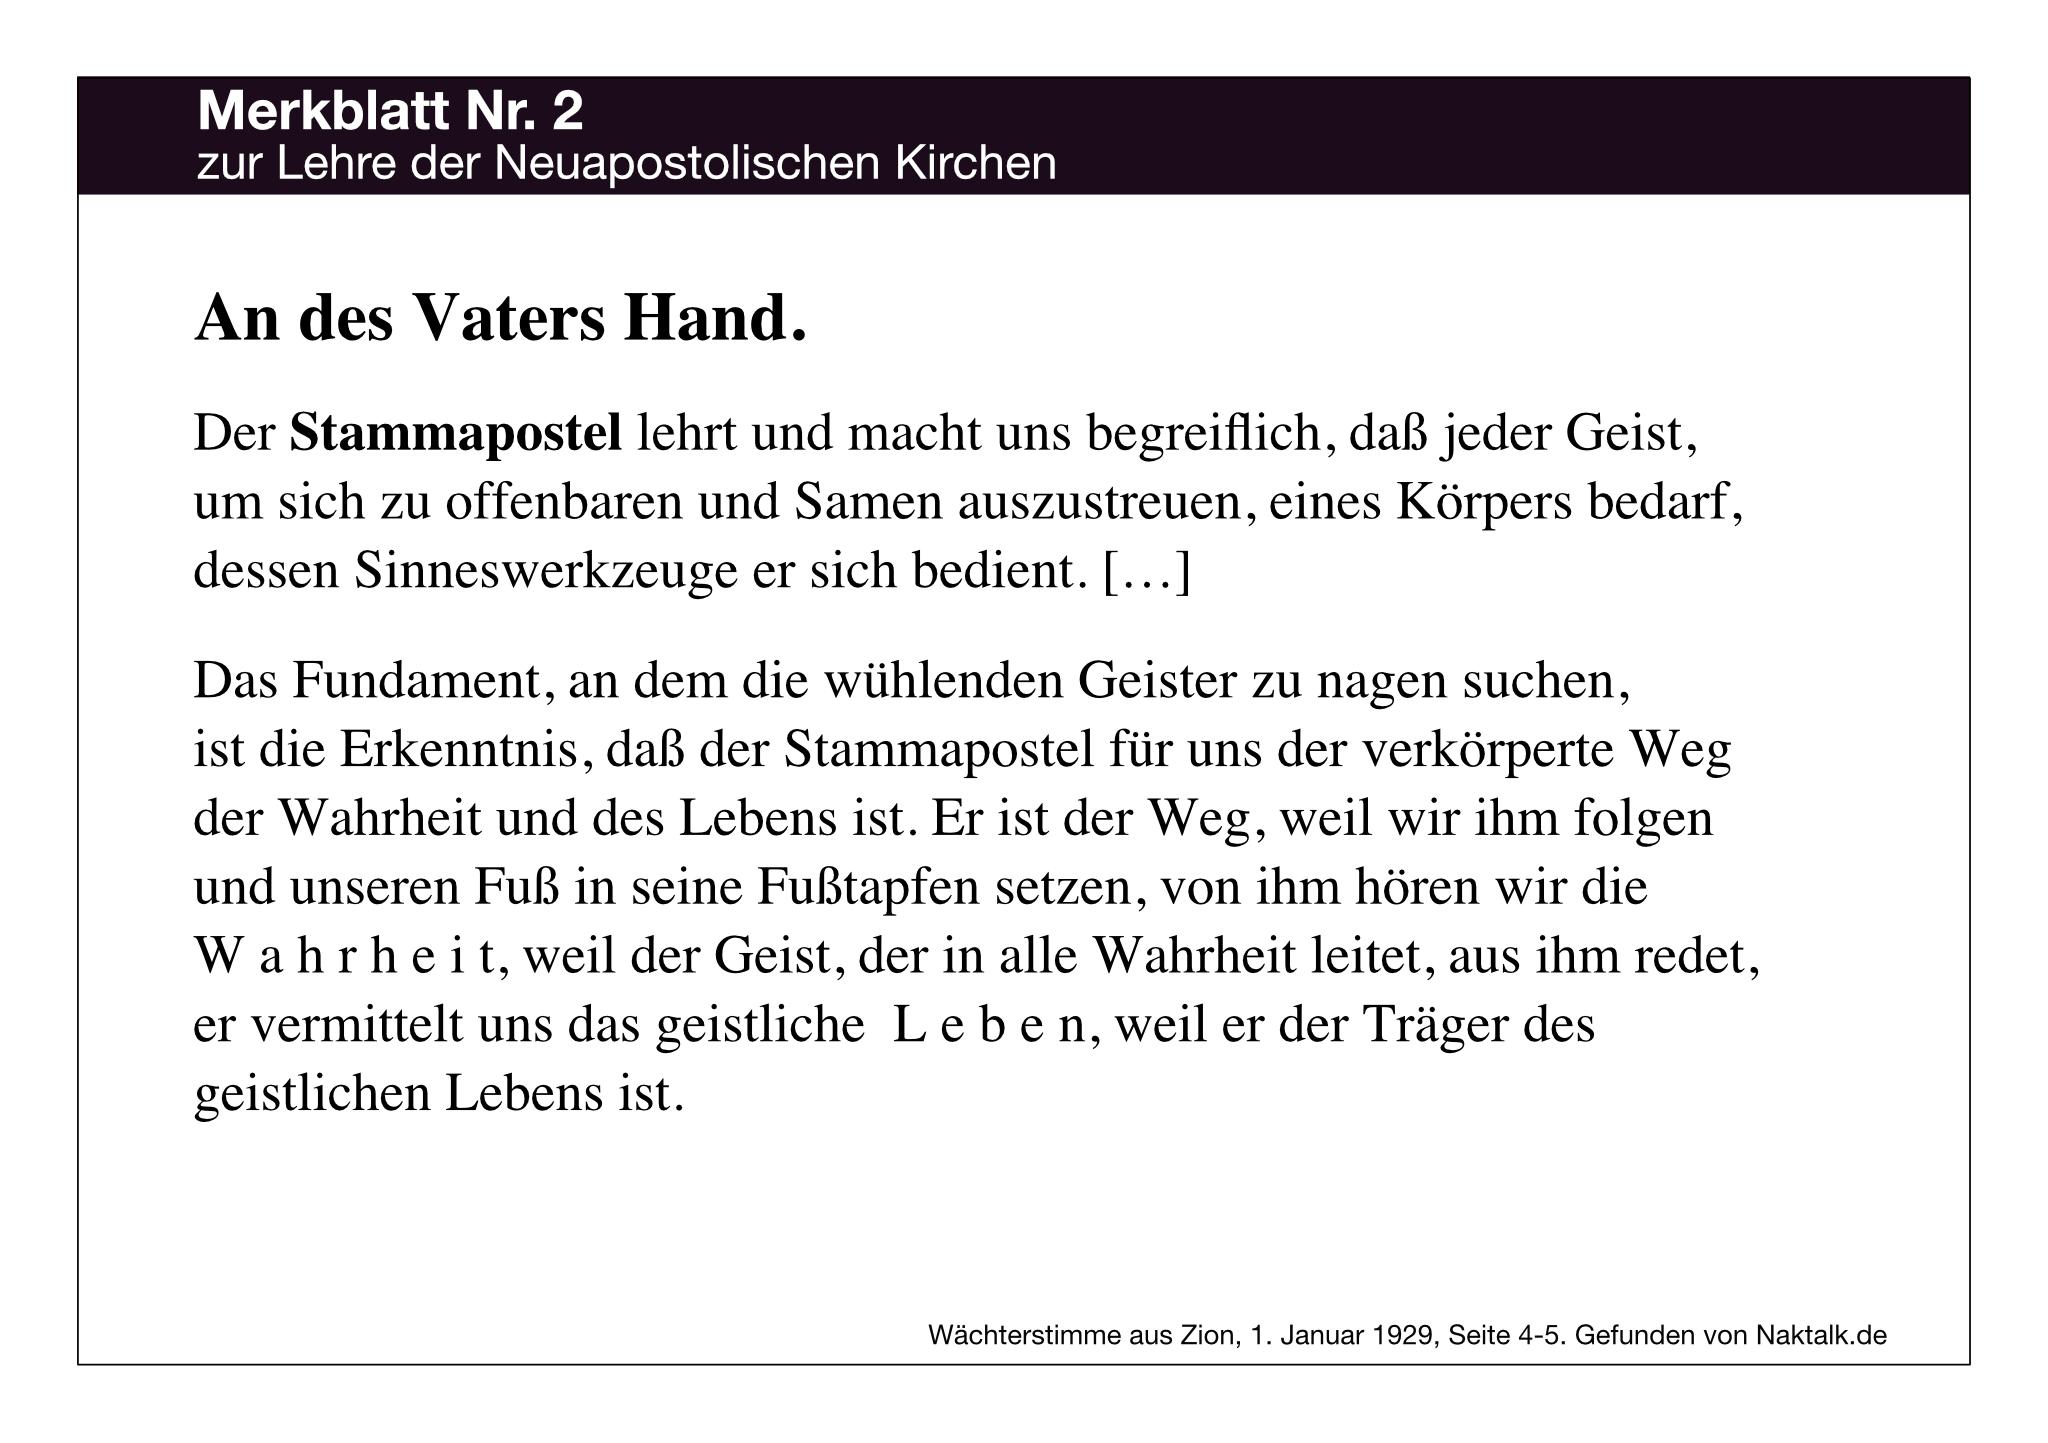 Merkblatt Nummer 1 zur Lehre der Neuapostolischen Kirche NAK: An des Vaters (Niehaus) Hand